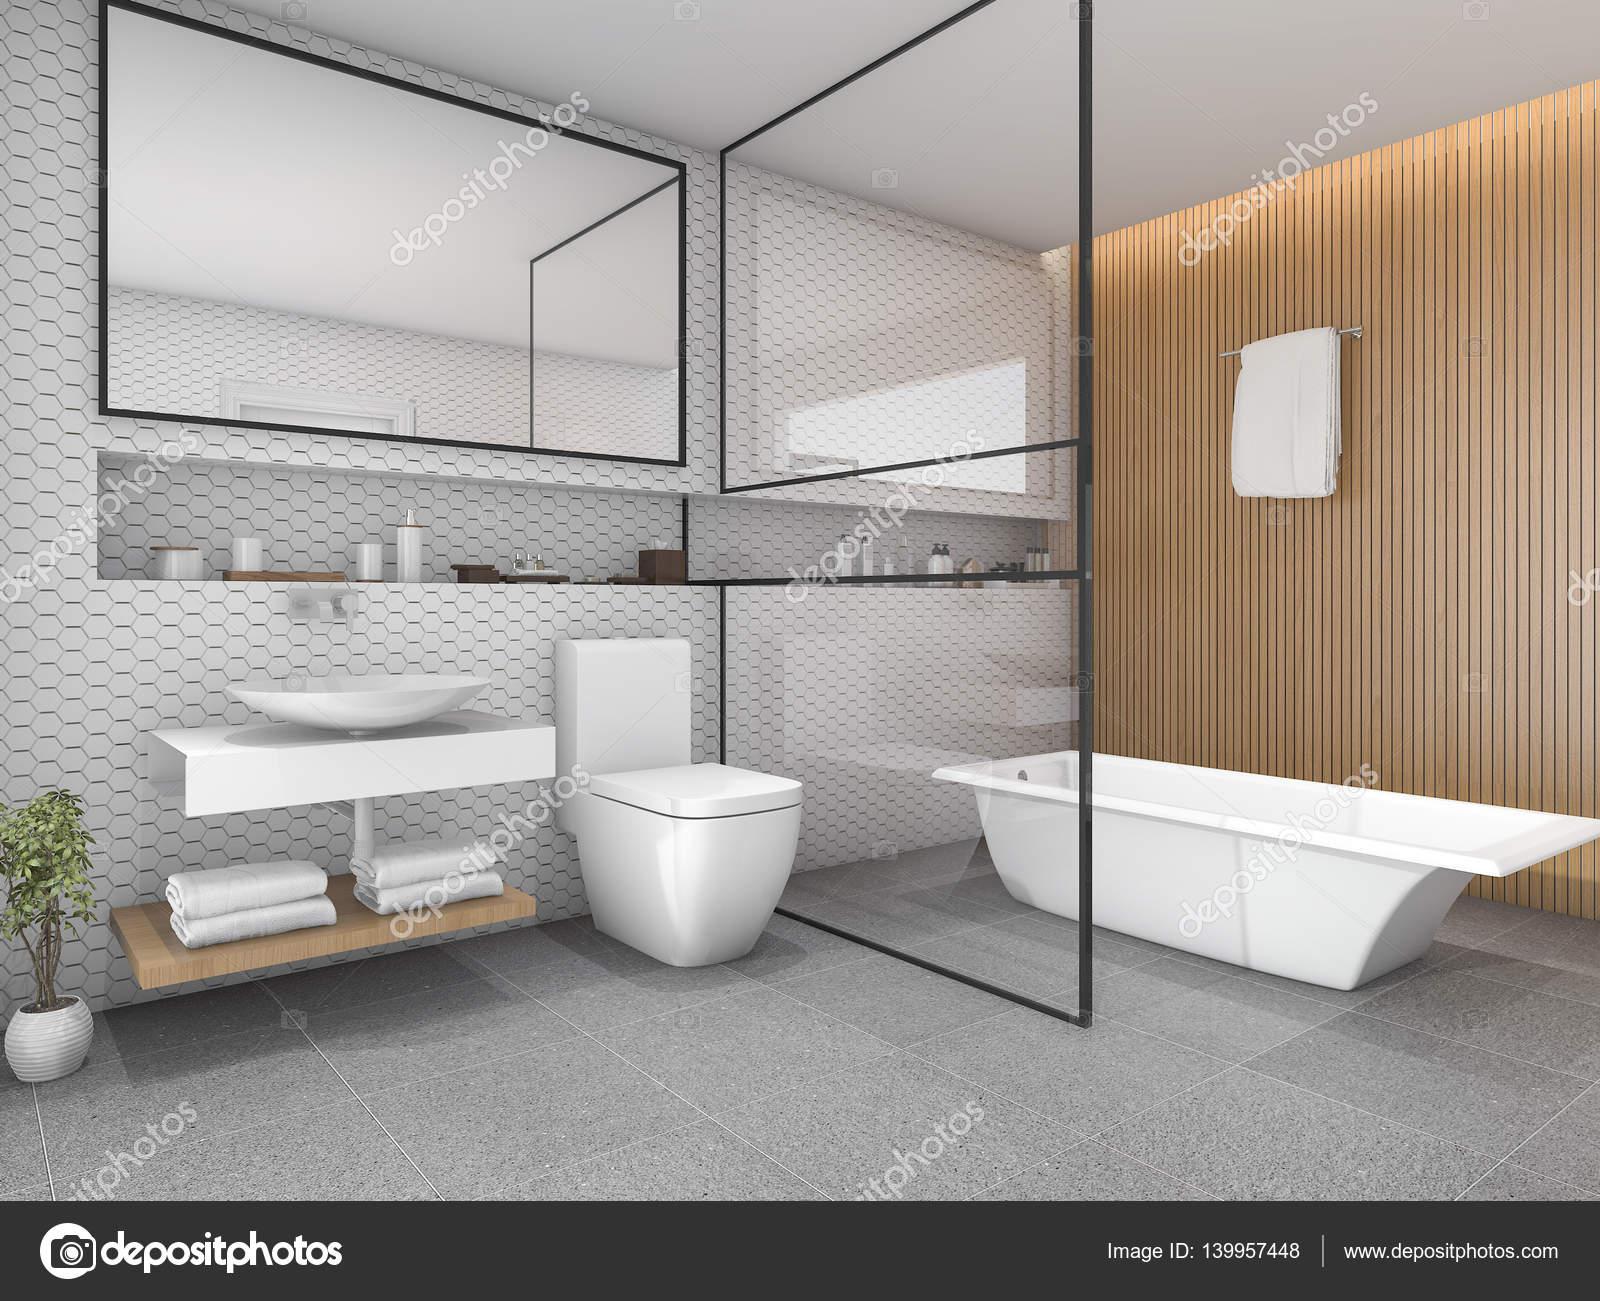 Hexagon Tegels Badkamer : D rendering witte hexagon tegels badkamer met hout decor